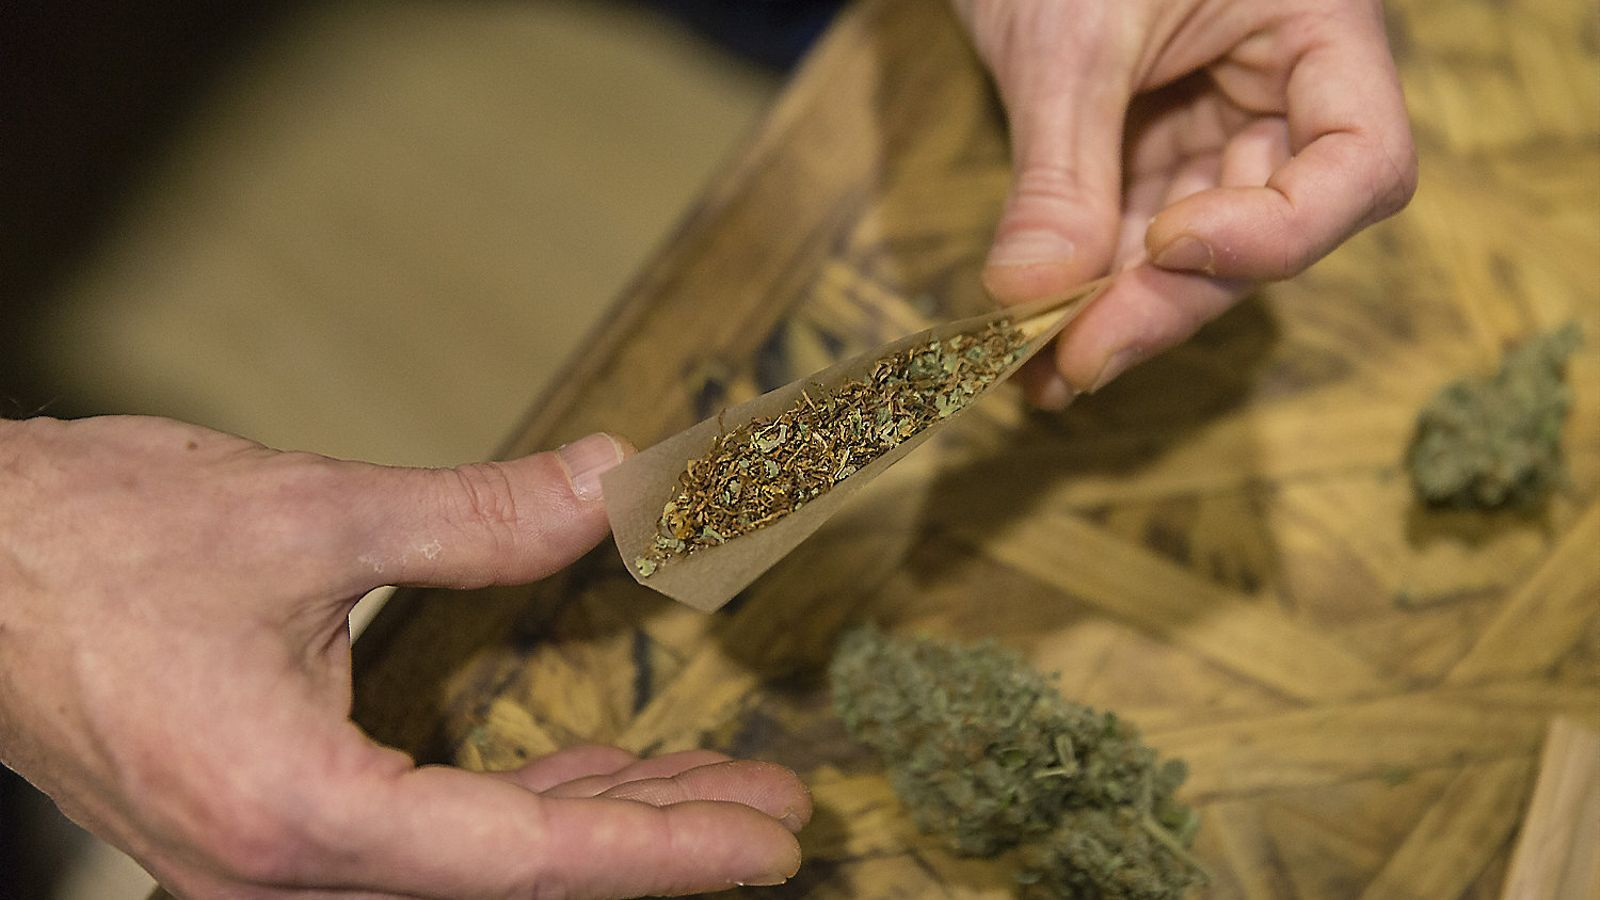 Una persona, En una imatge d'arxiu, mostrant un cigar de cànnabis a mig fer.